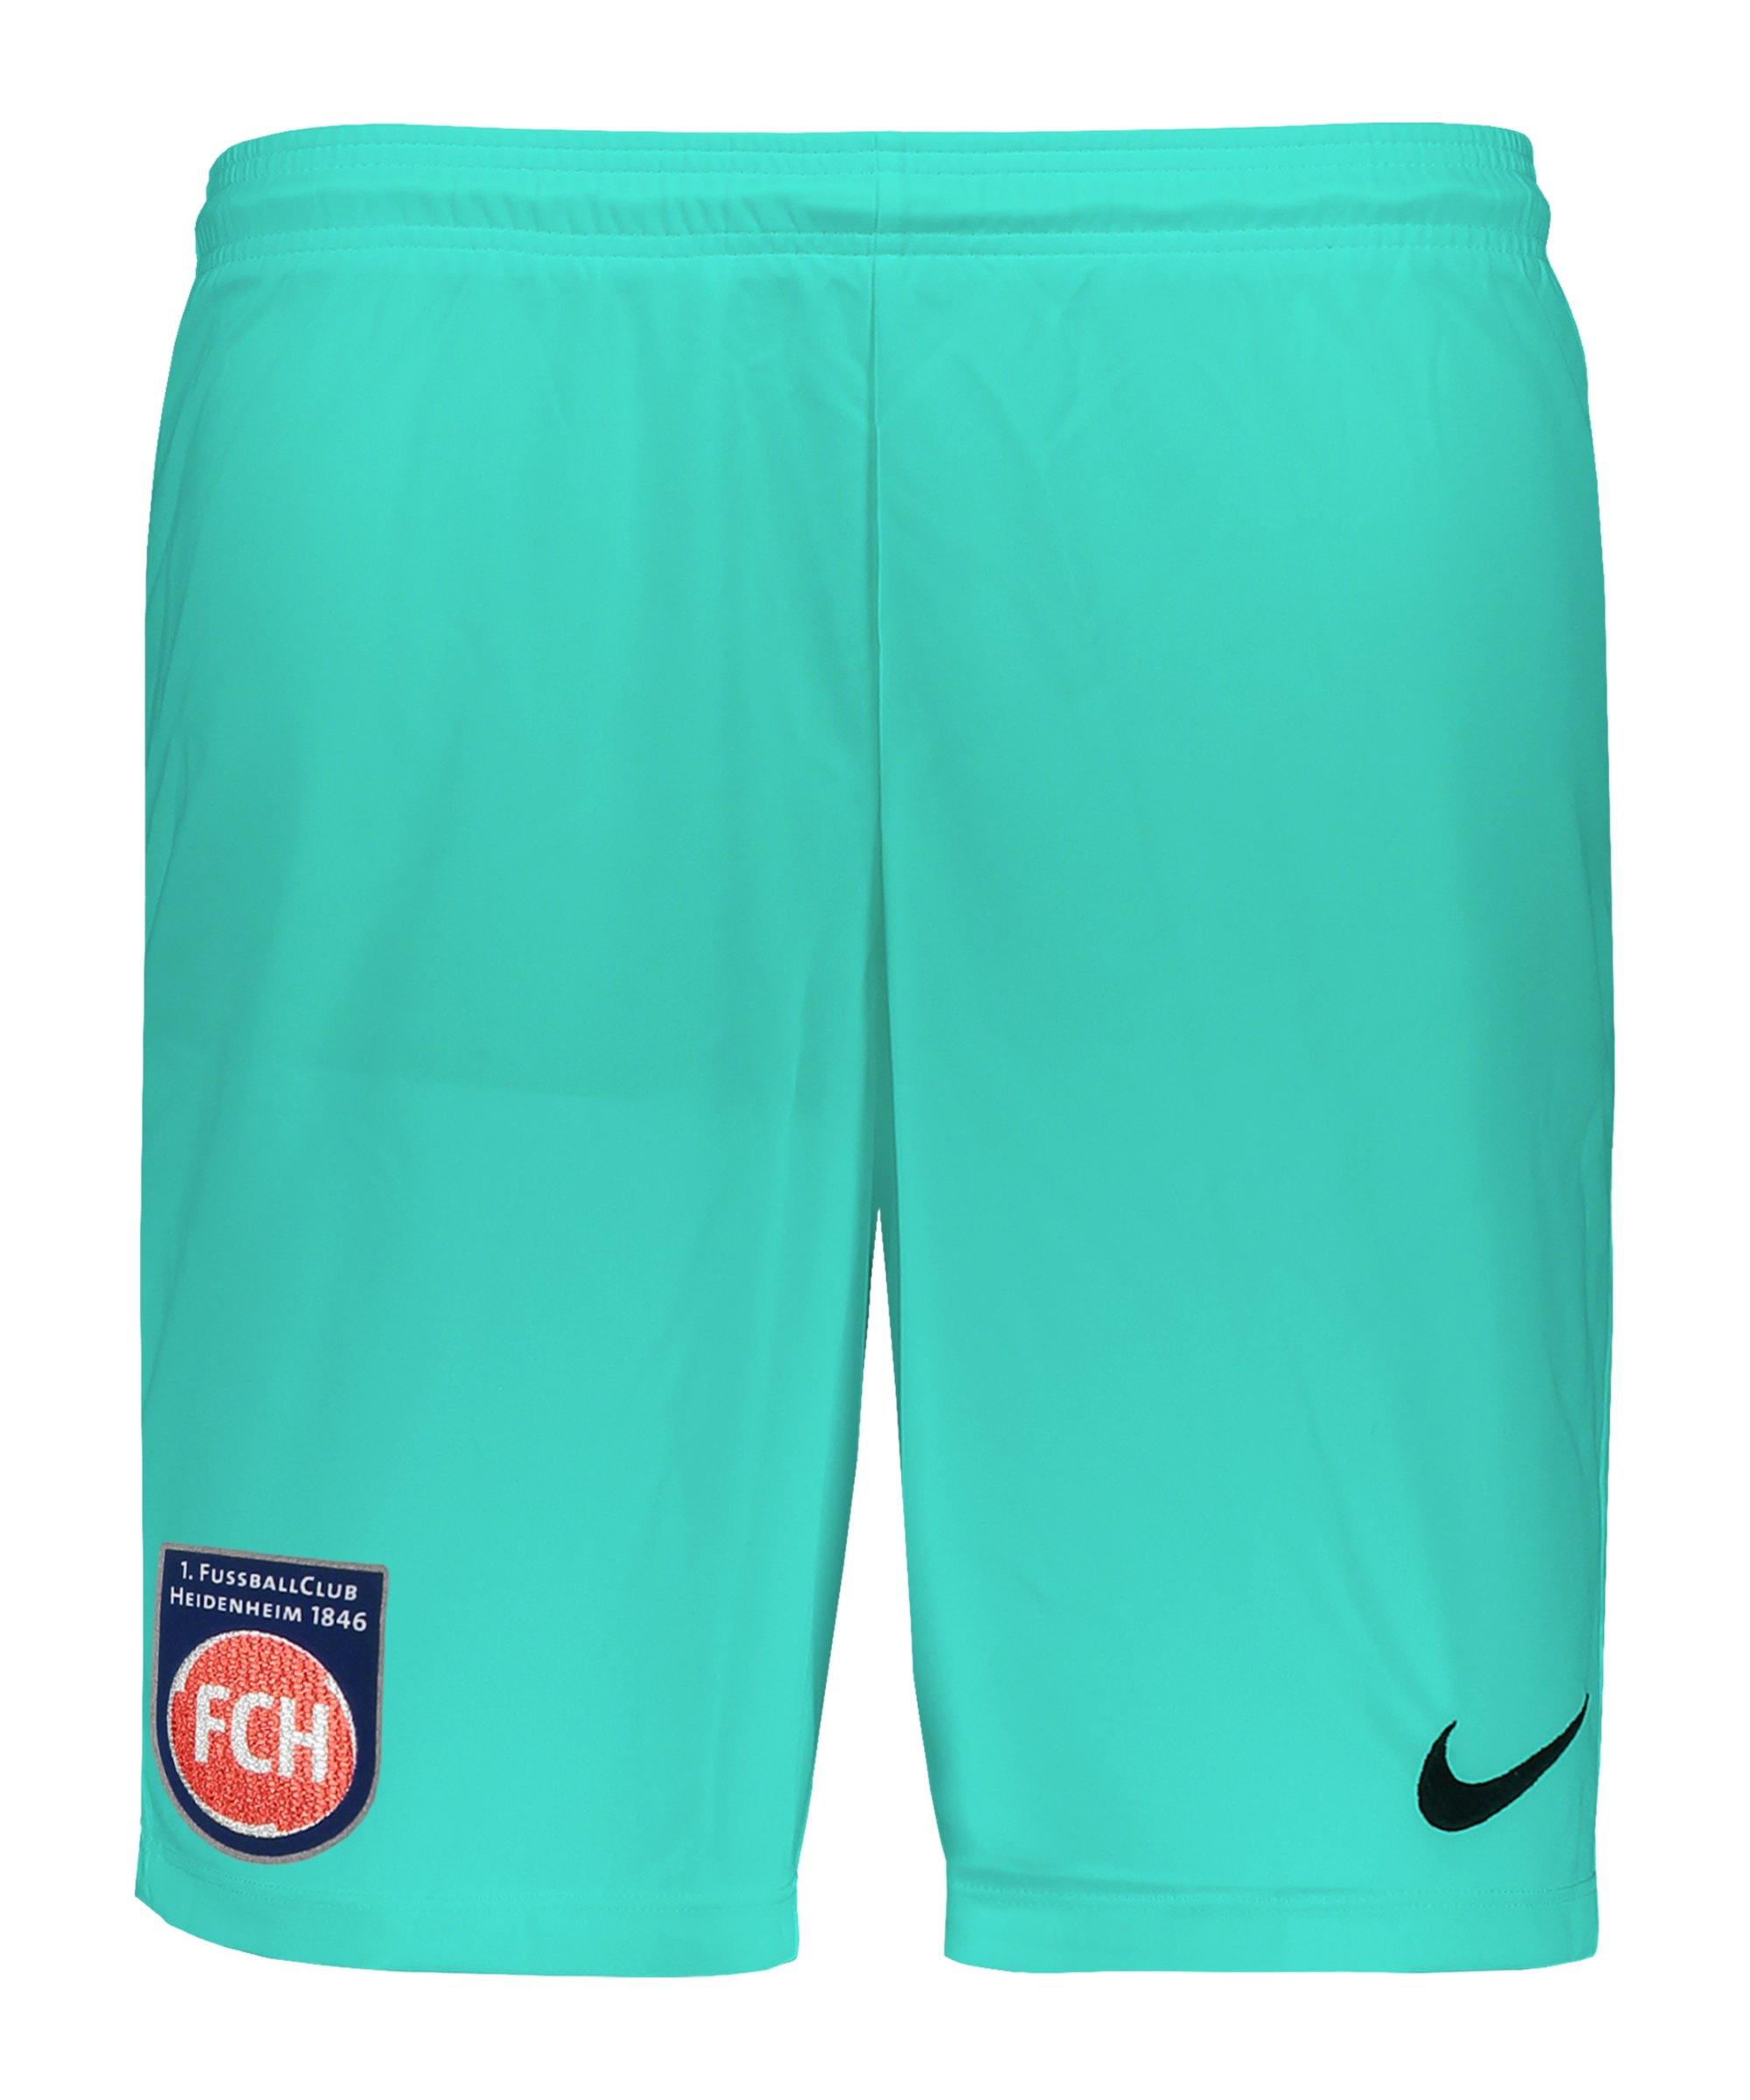 Nike 1. FC Heidenheim Torwartshort 2020/2021 F354 - gruen